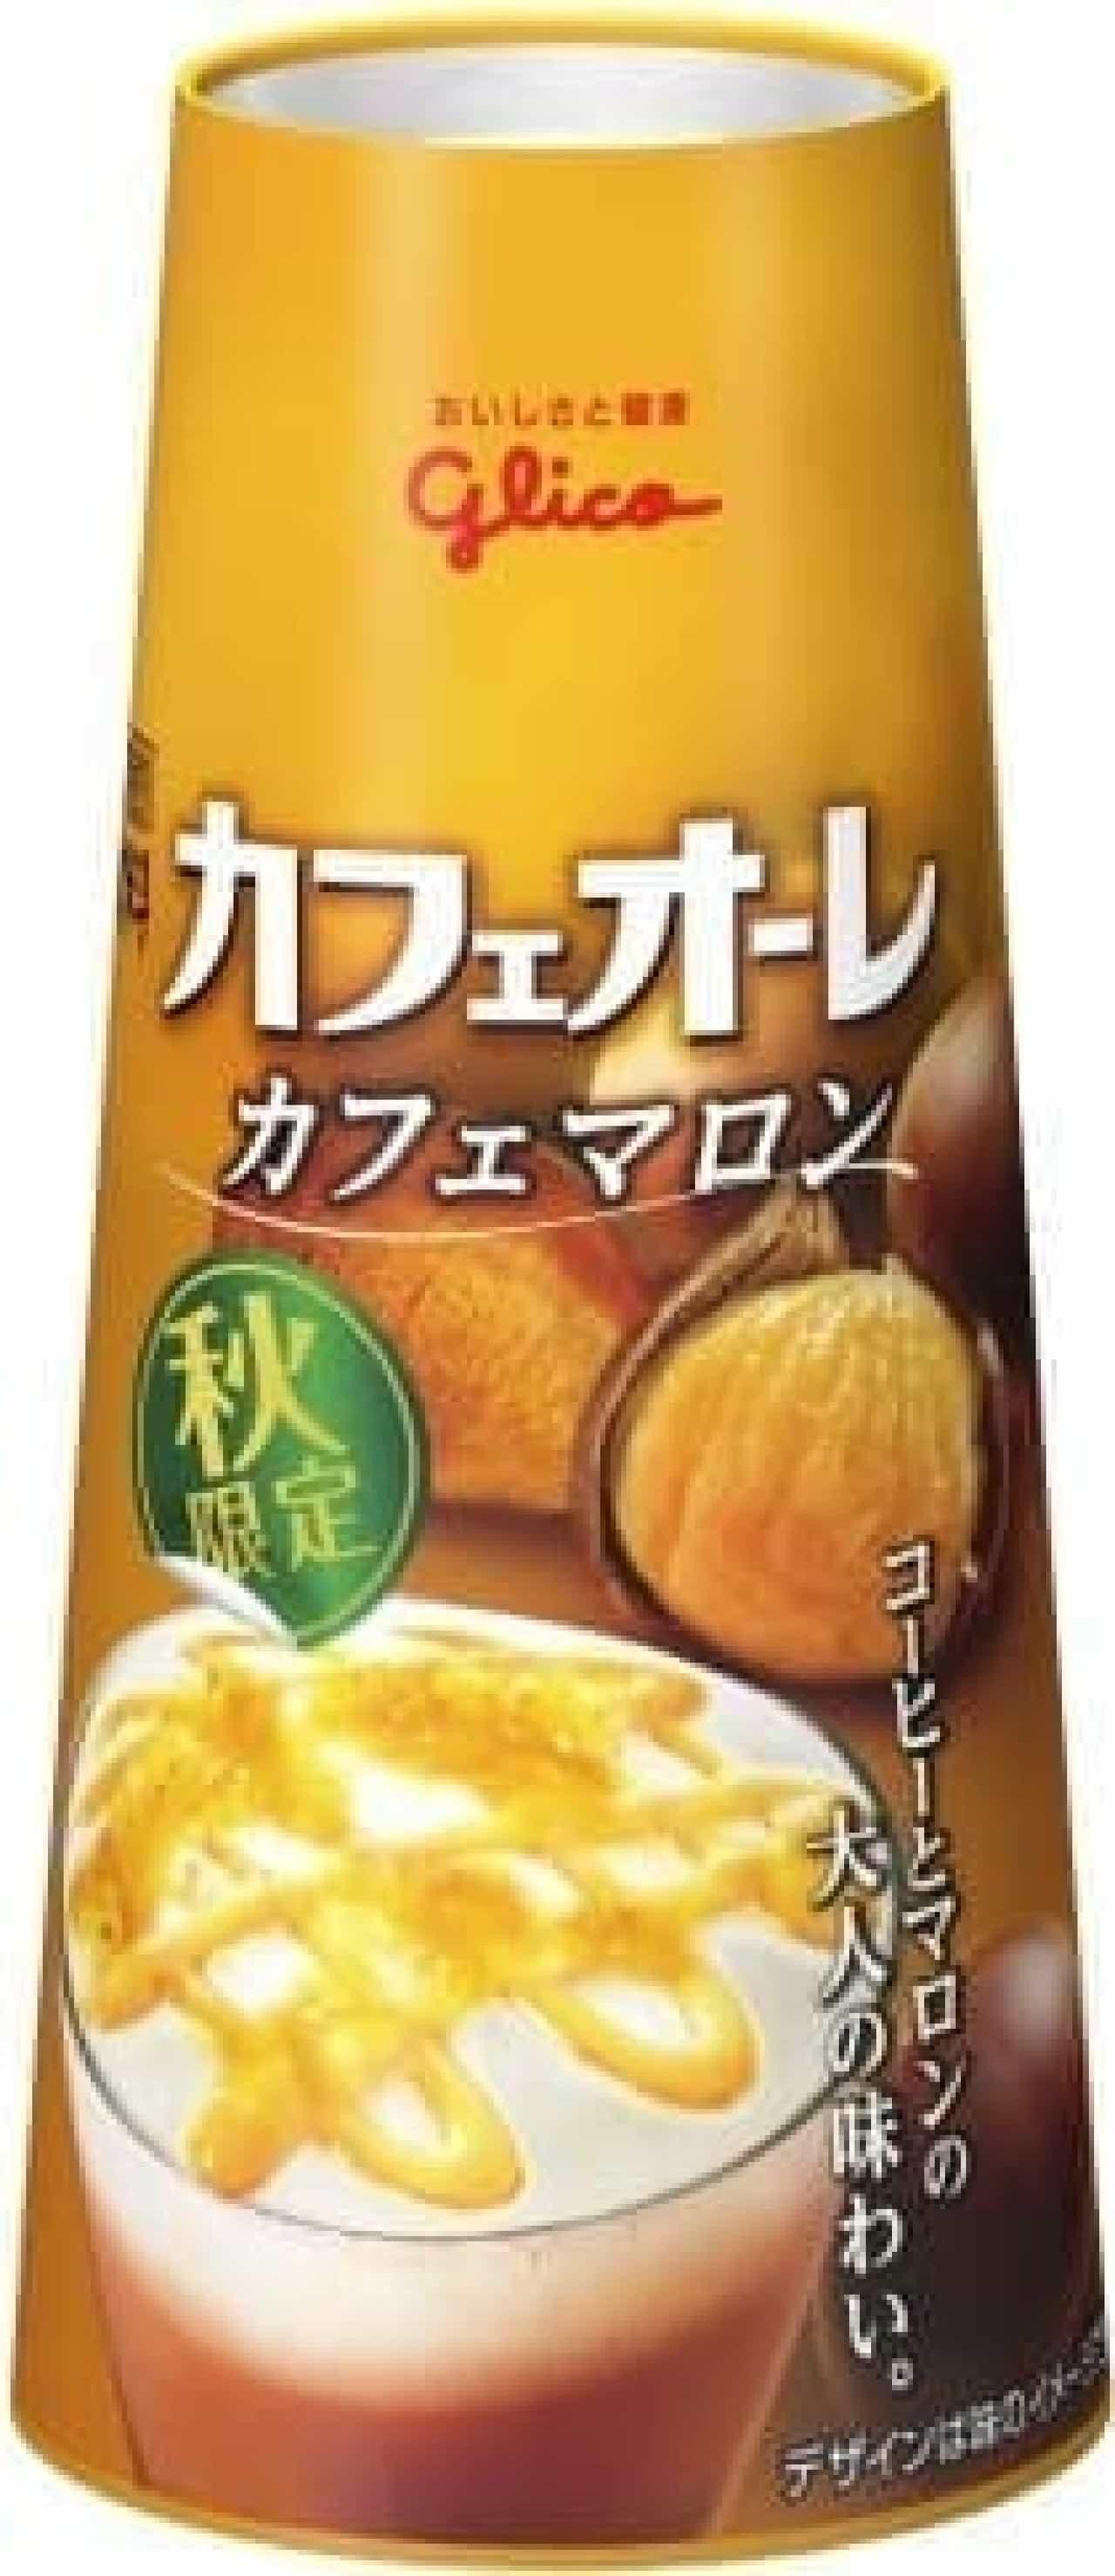 江崎グリコ「カフェオーレ カフェマロン」